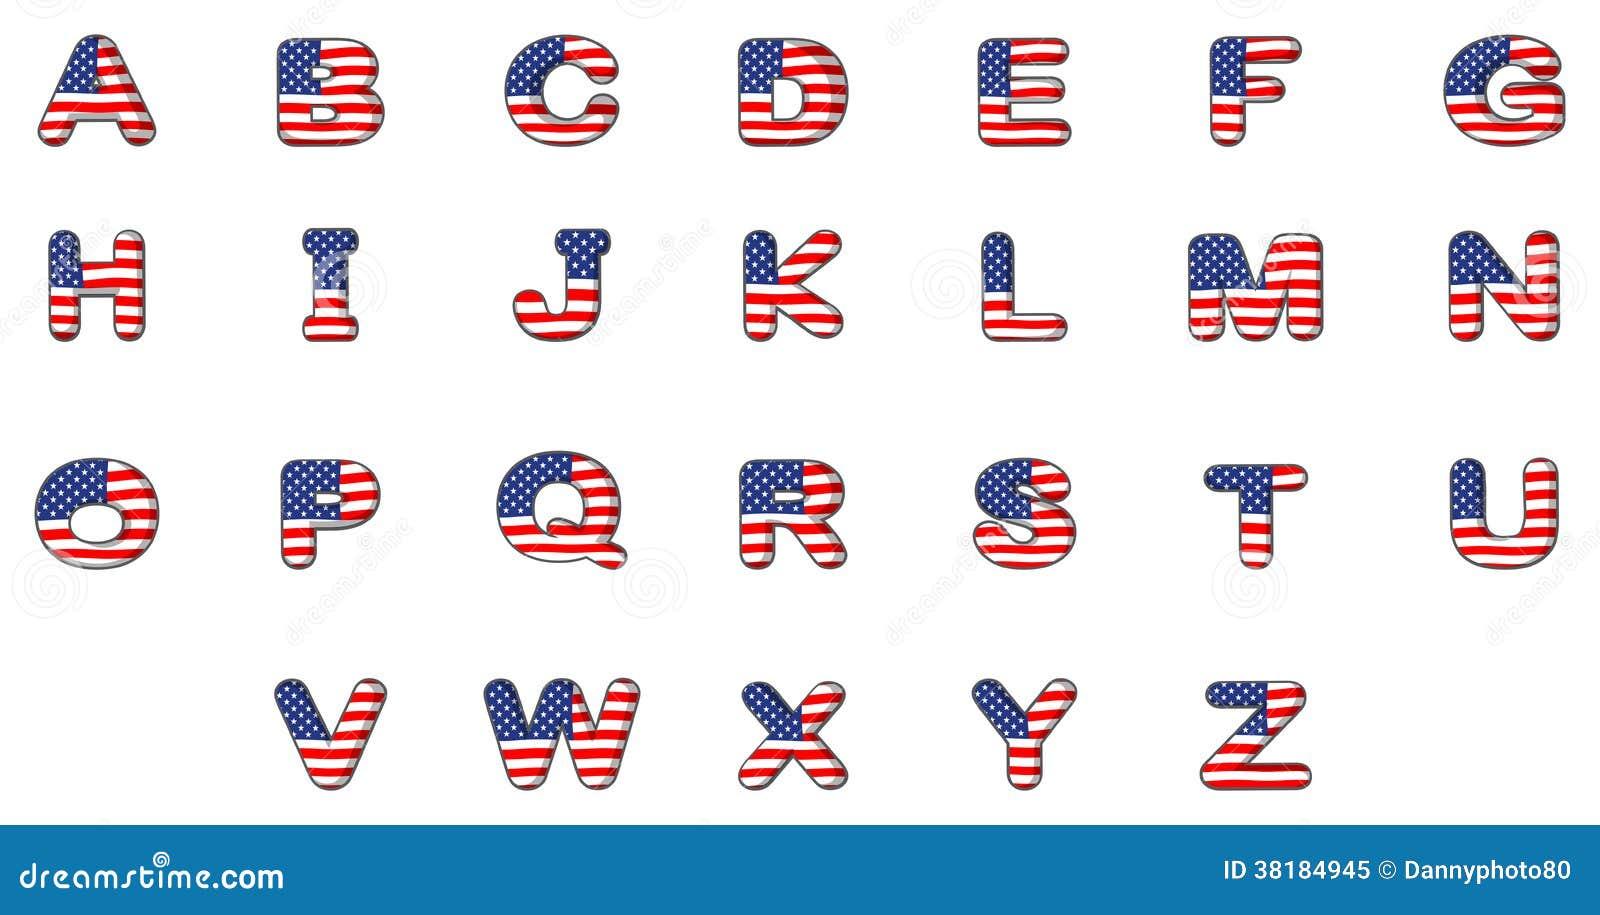 buchstaben des alphabetes mit der amerikanischen flagge lizenzfreies stockfoto bild 38184945. Black Bedroom Furniture Sets. Home Design Ideas